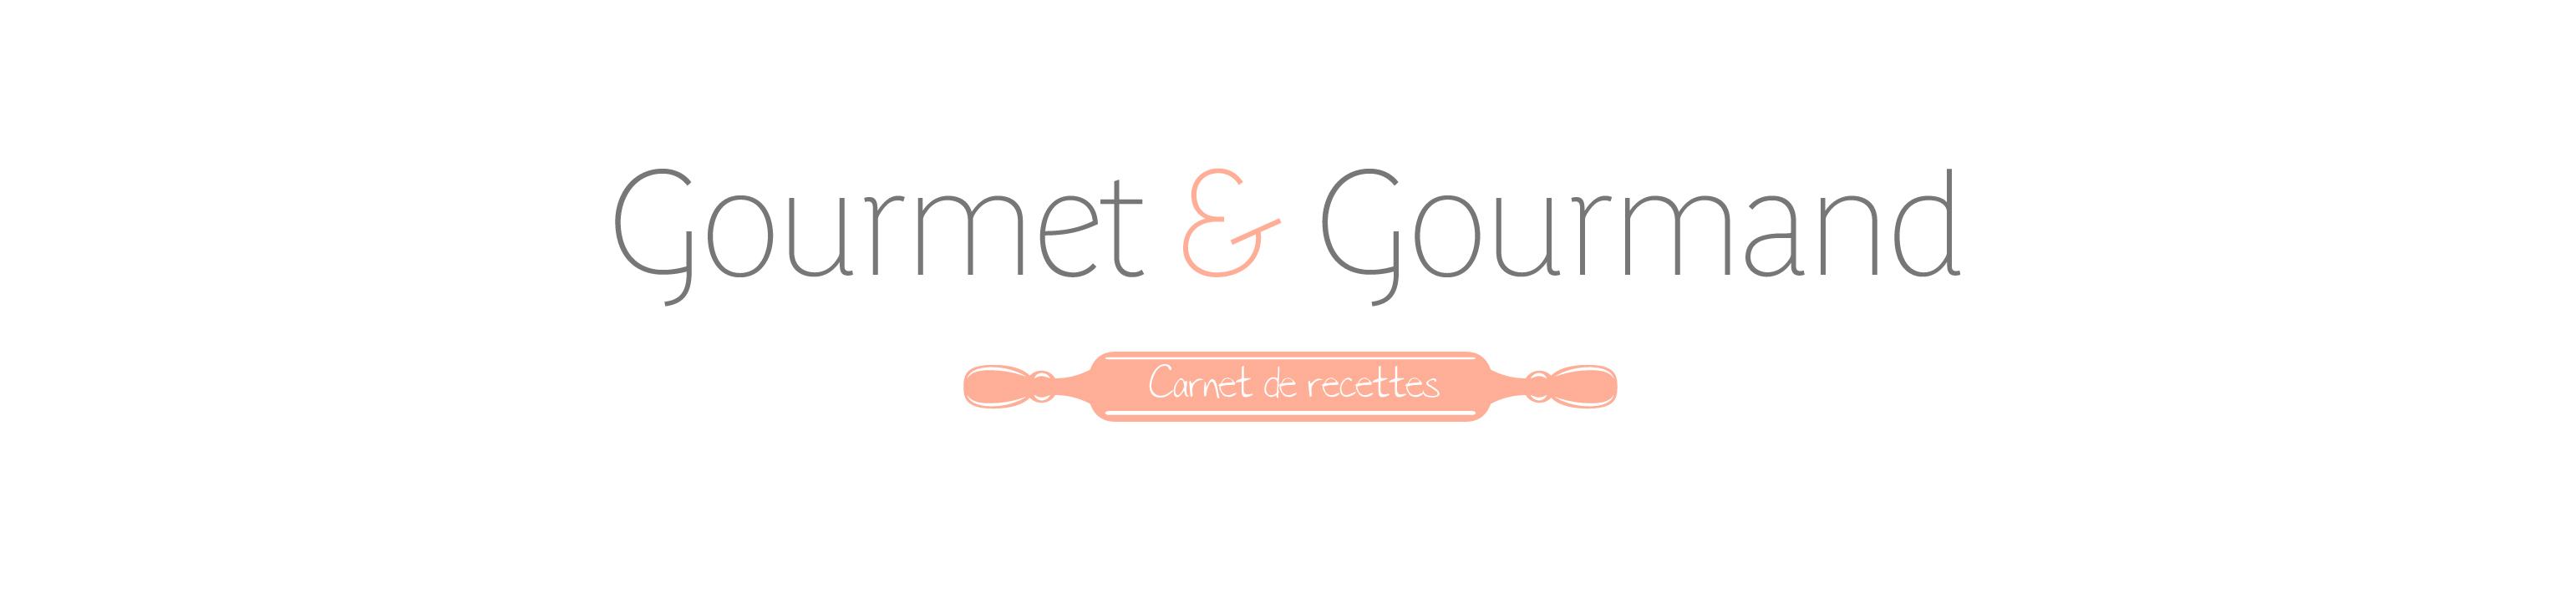 Gourmet & Gourmand